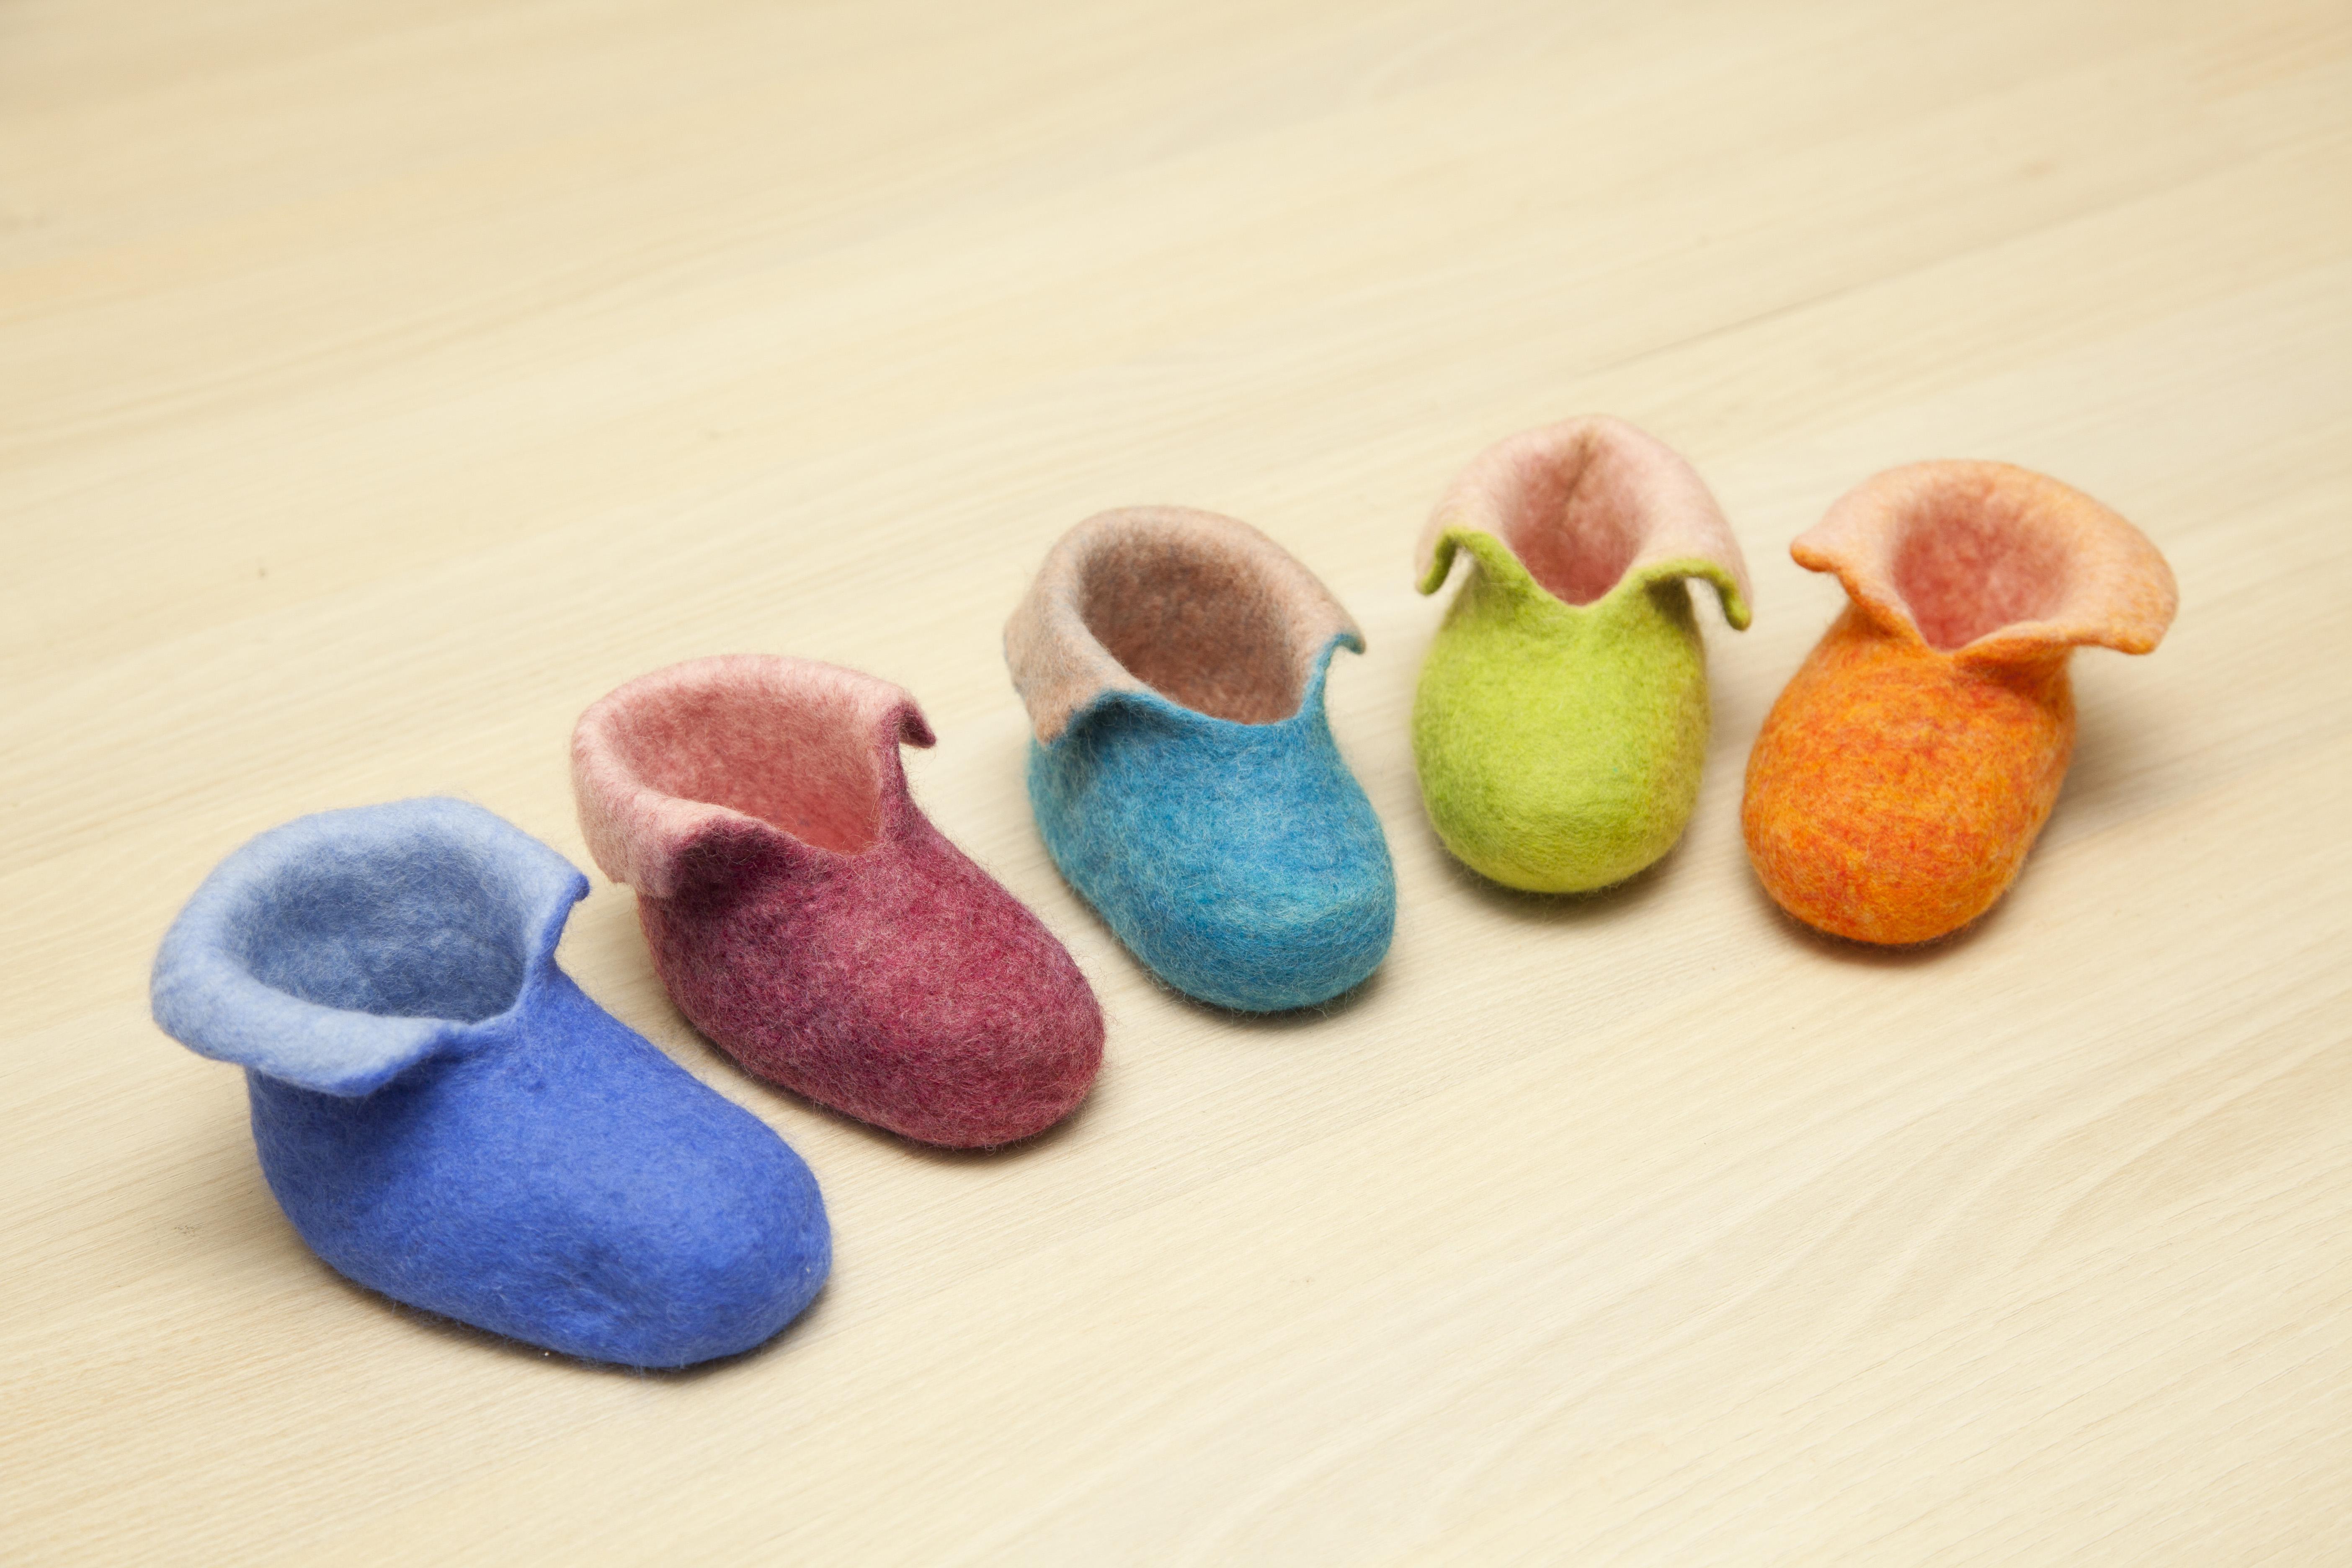 幅新手織羊毛氈童鞋DIY